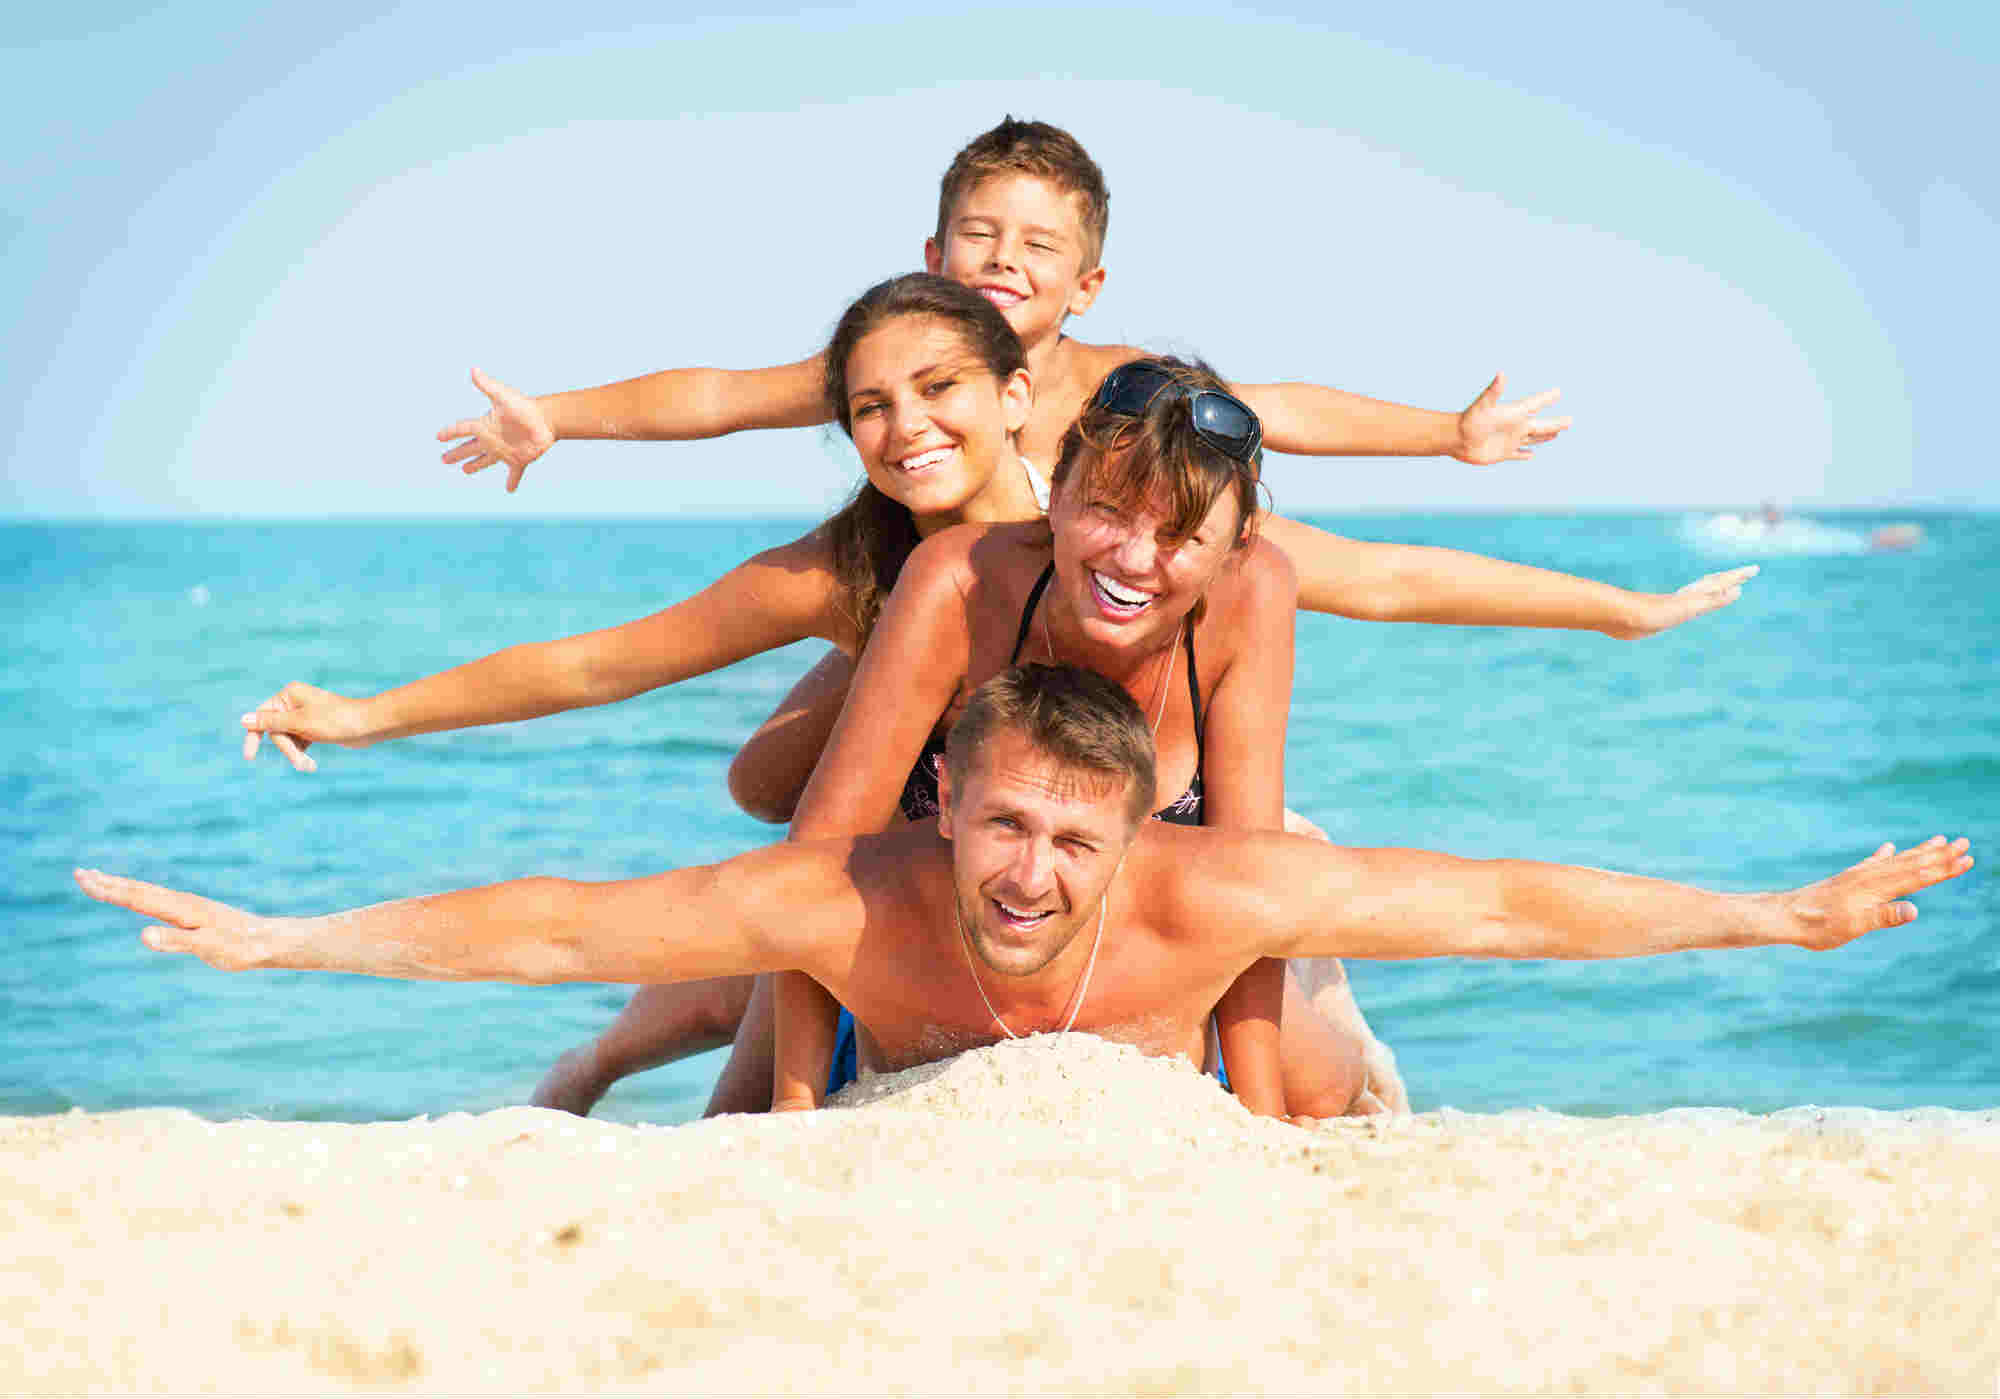 Vacaciones-felices-y-bien-planeada,-aunque-fueron-de-último-momento.-Foto-Archivo-7